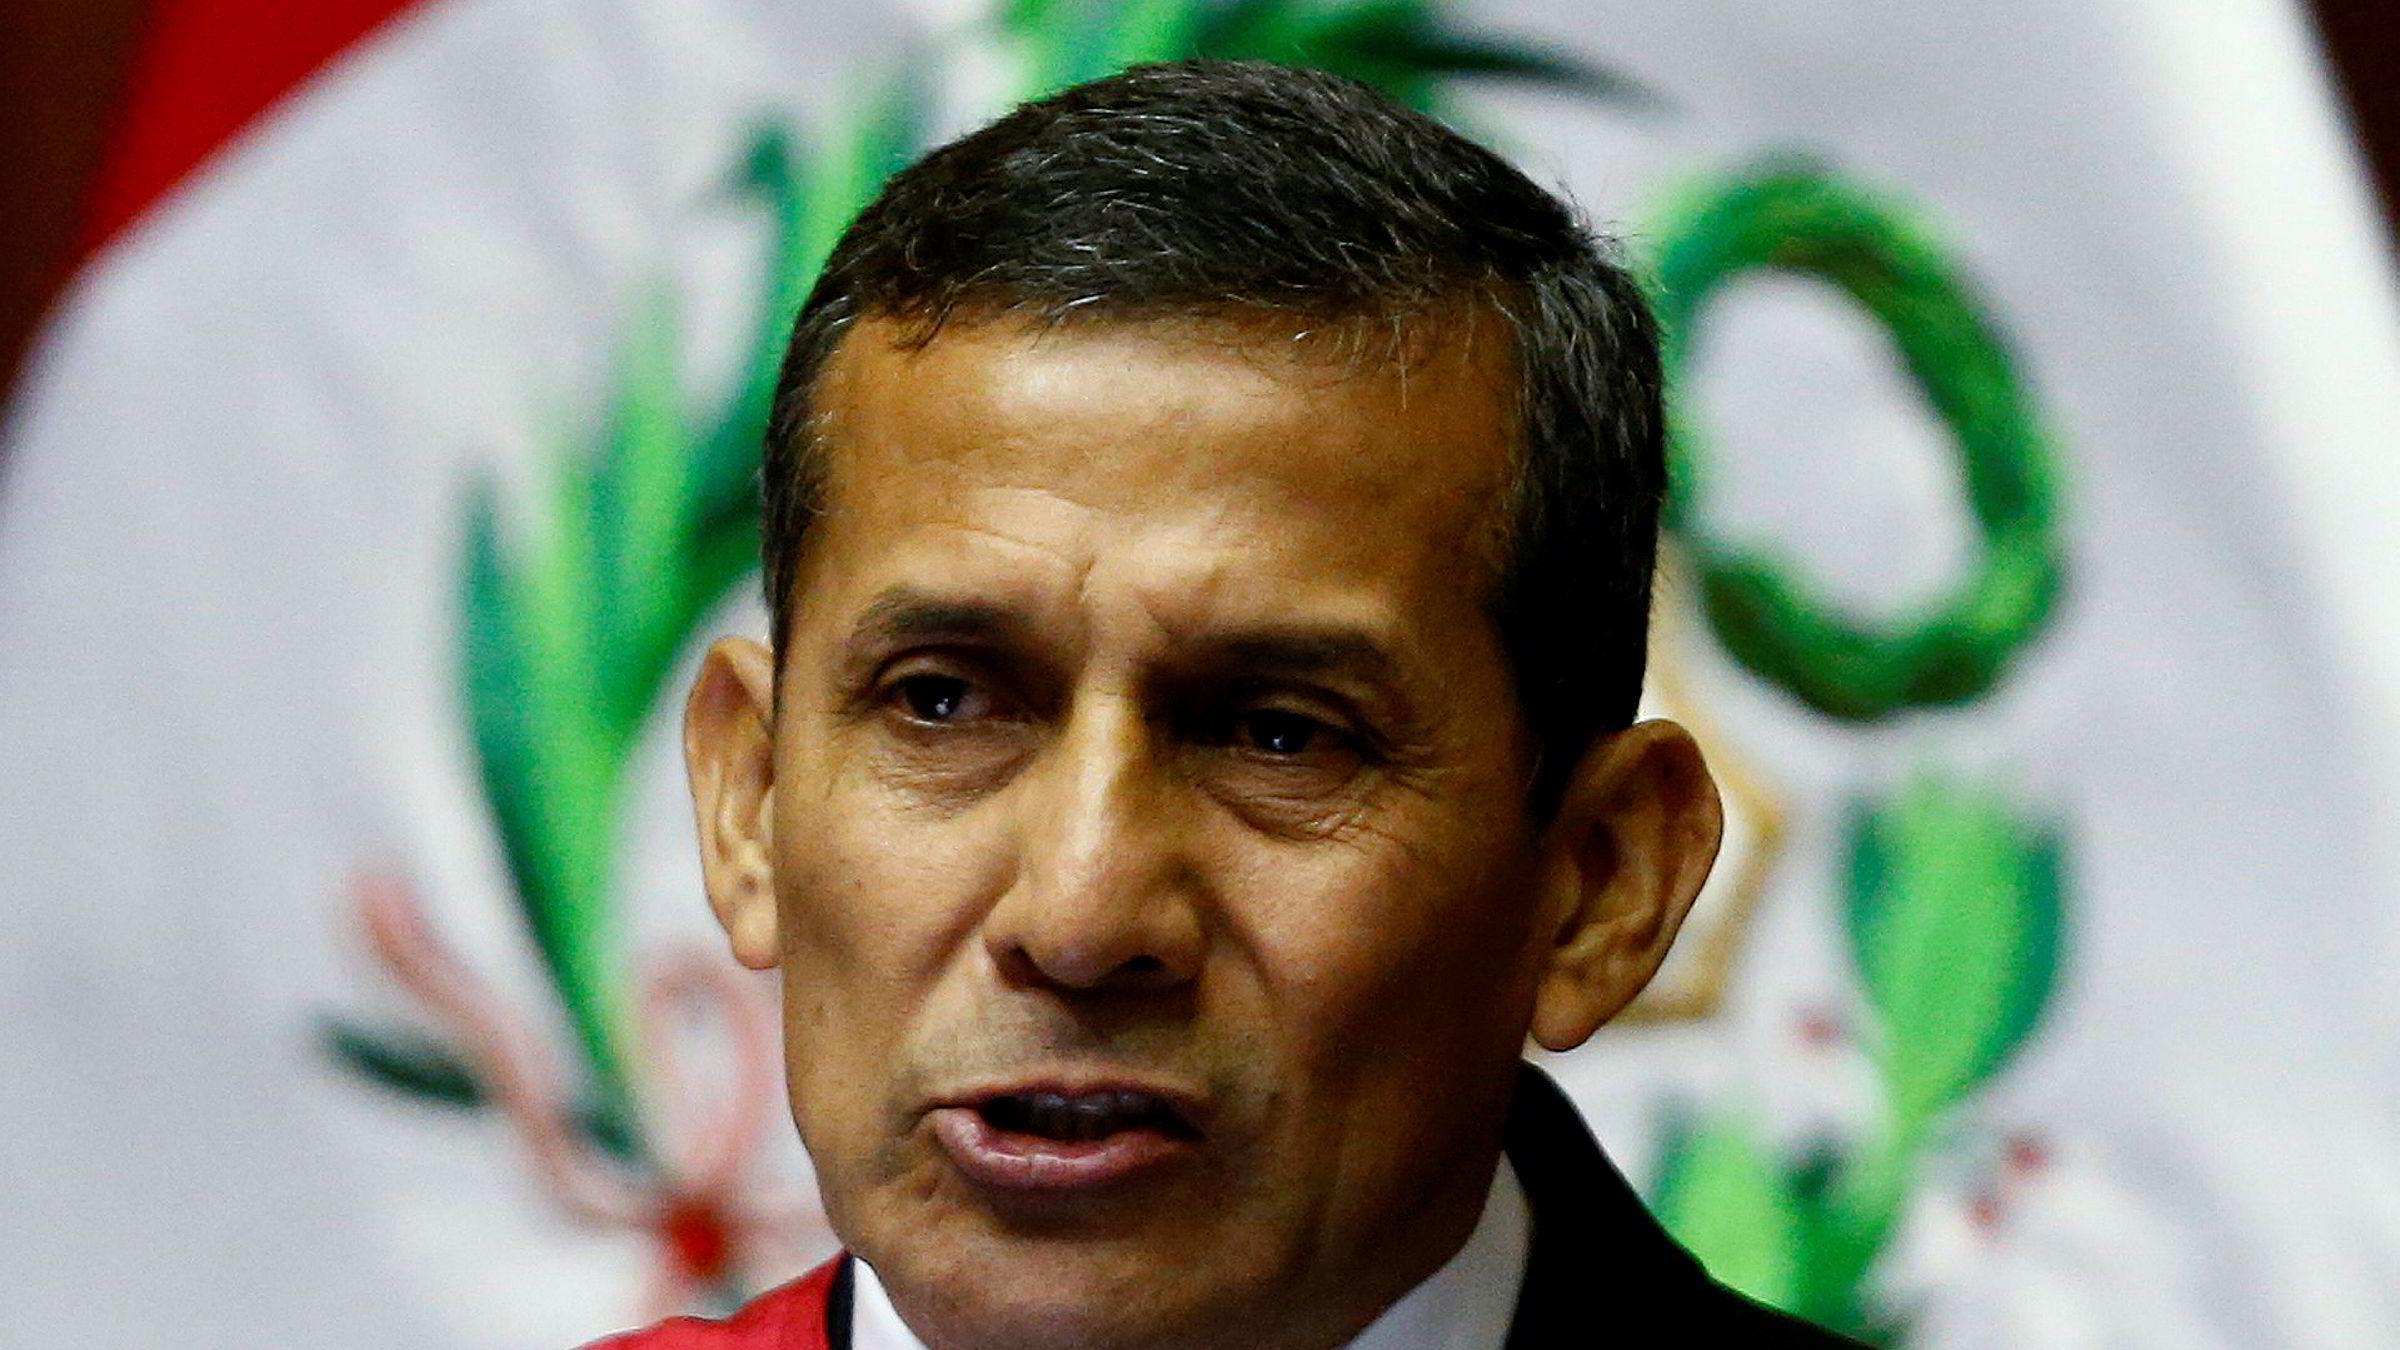 Totalt tre millioner dollar i bestikkelser, over 25 millioner kroner, ble gitt til Perus tidligere president Ollanta Humala, som vant valget i 2011.